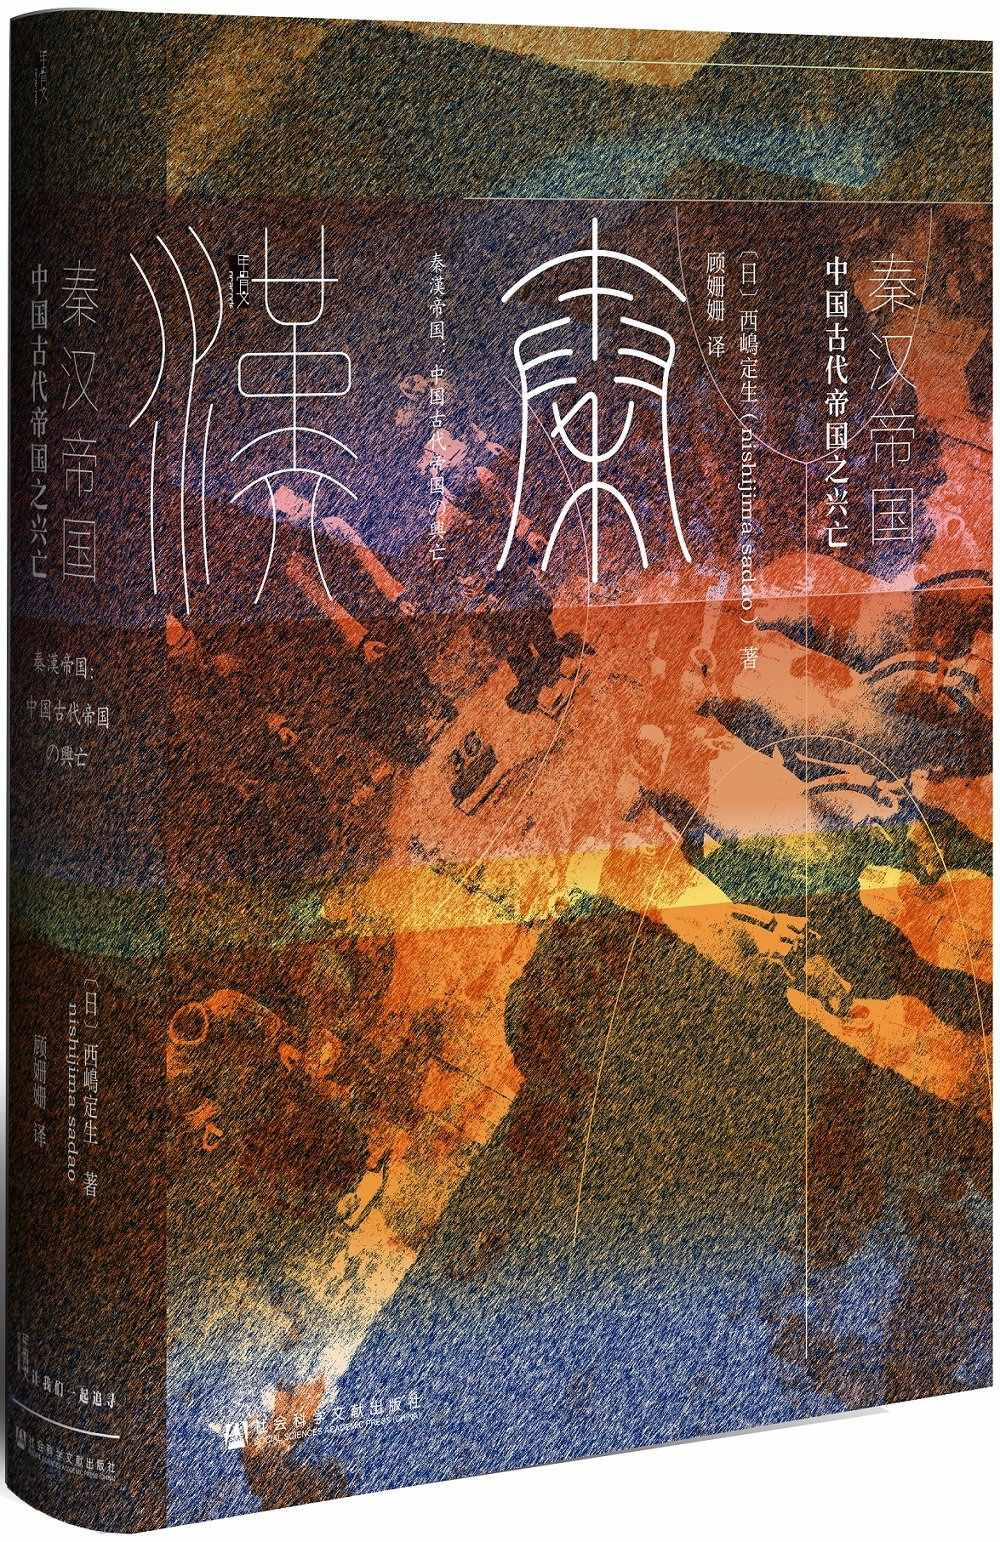 秦漢帝國:中國古代帝國之興亡